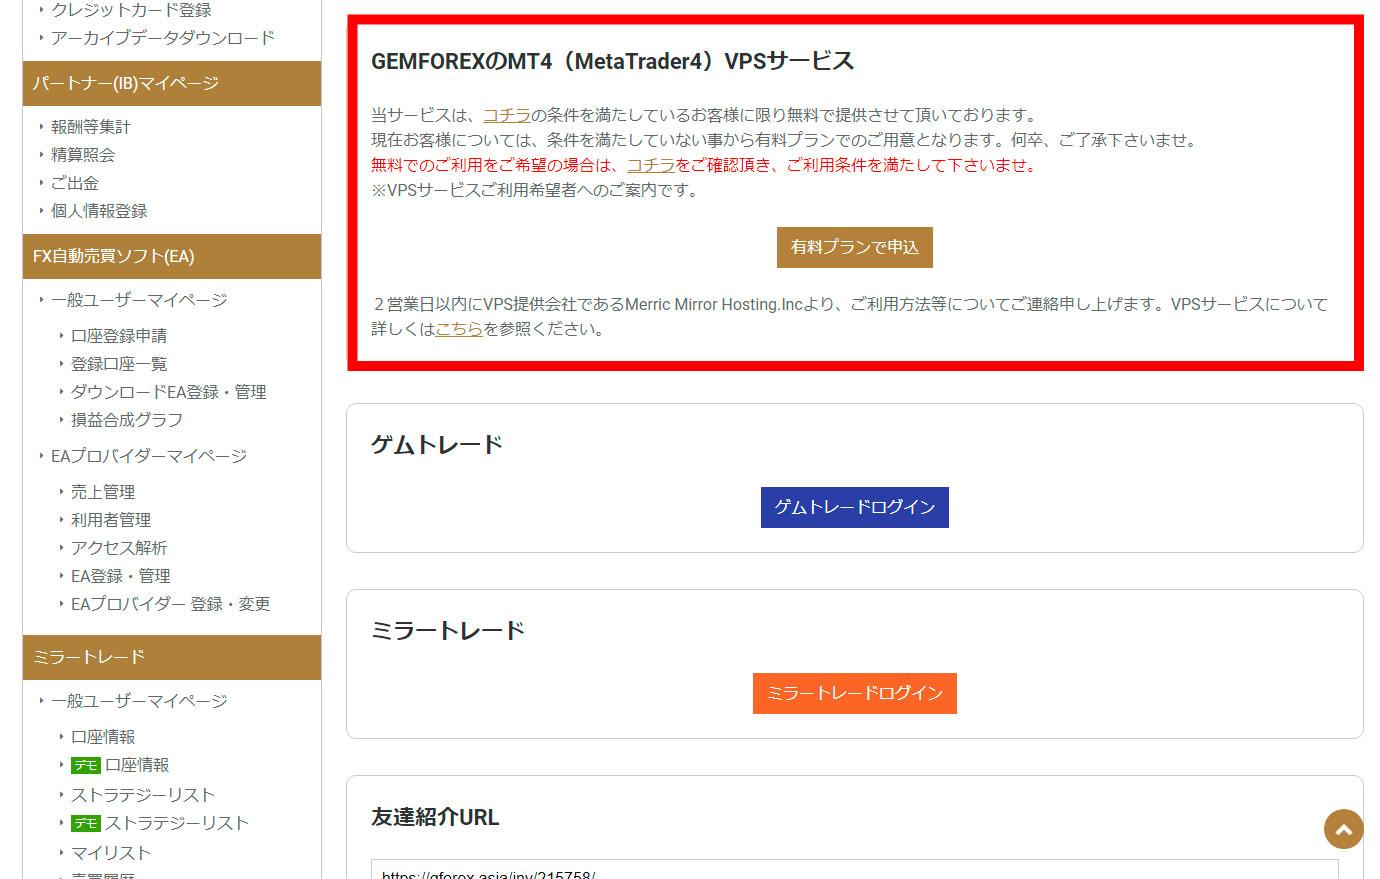 MT4 VPSはマイページから申し込み可能